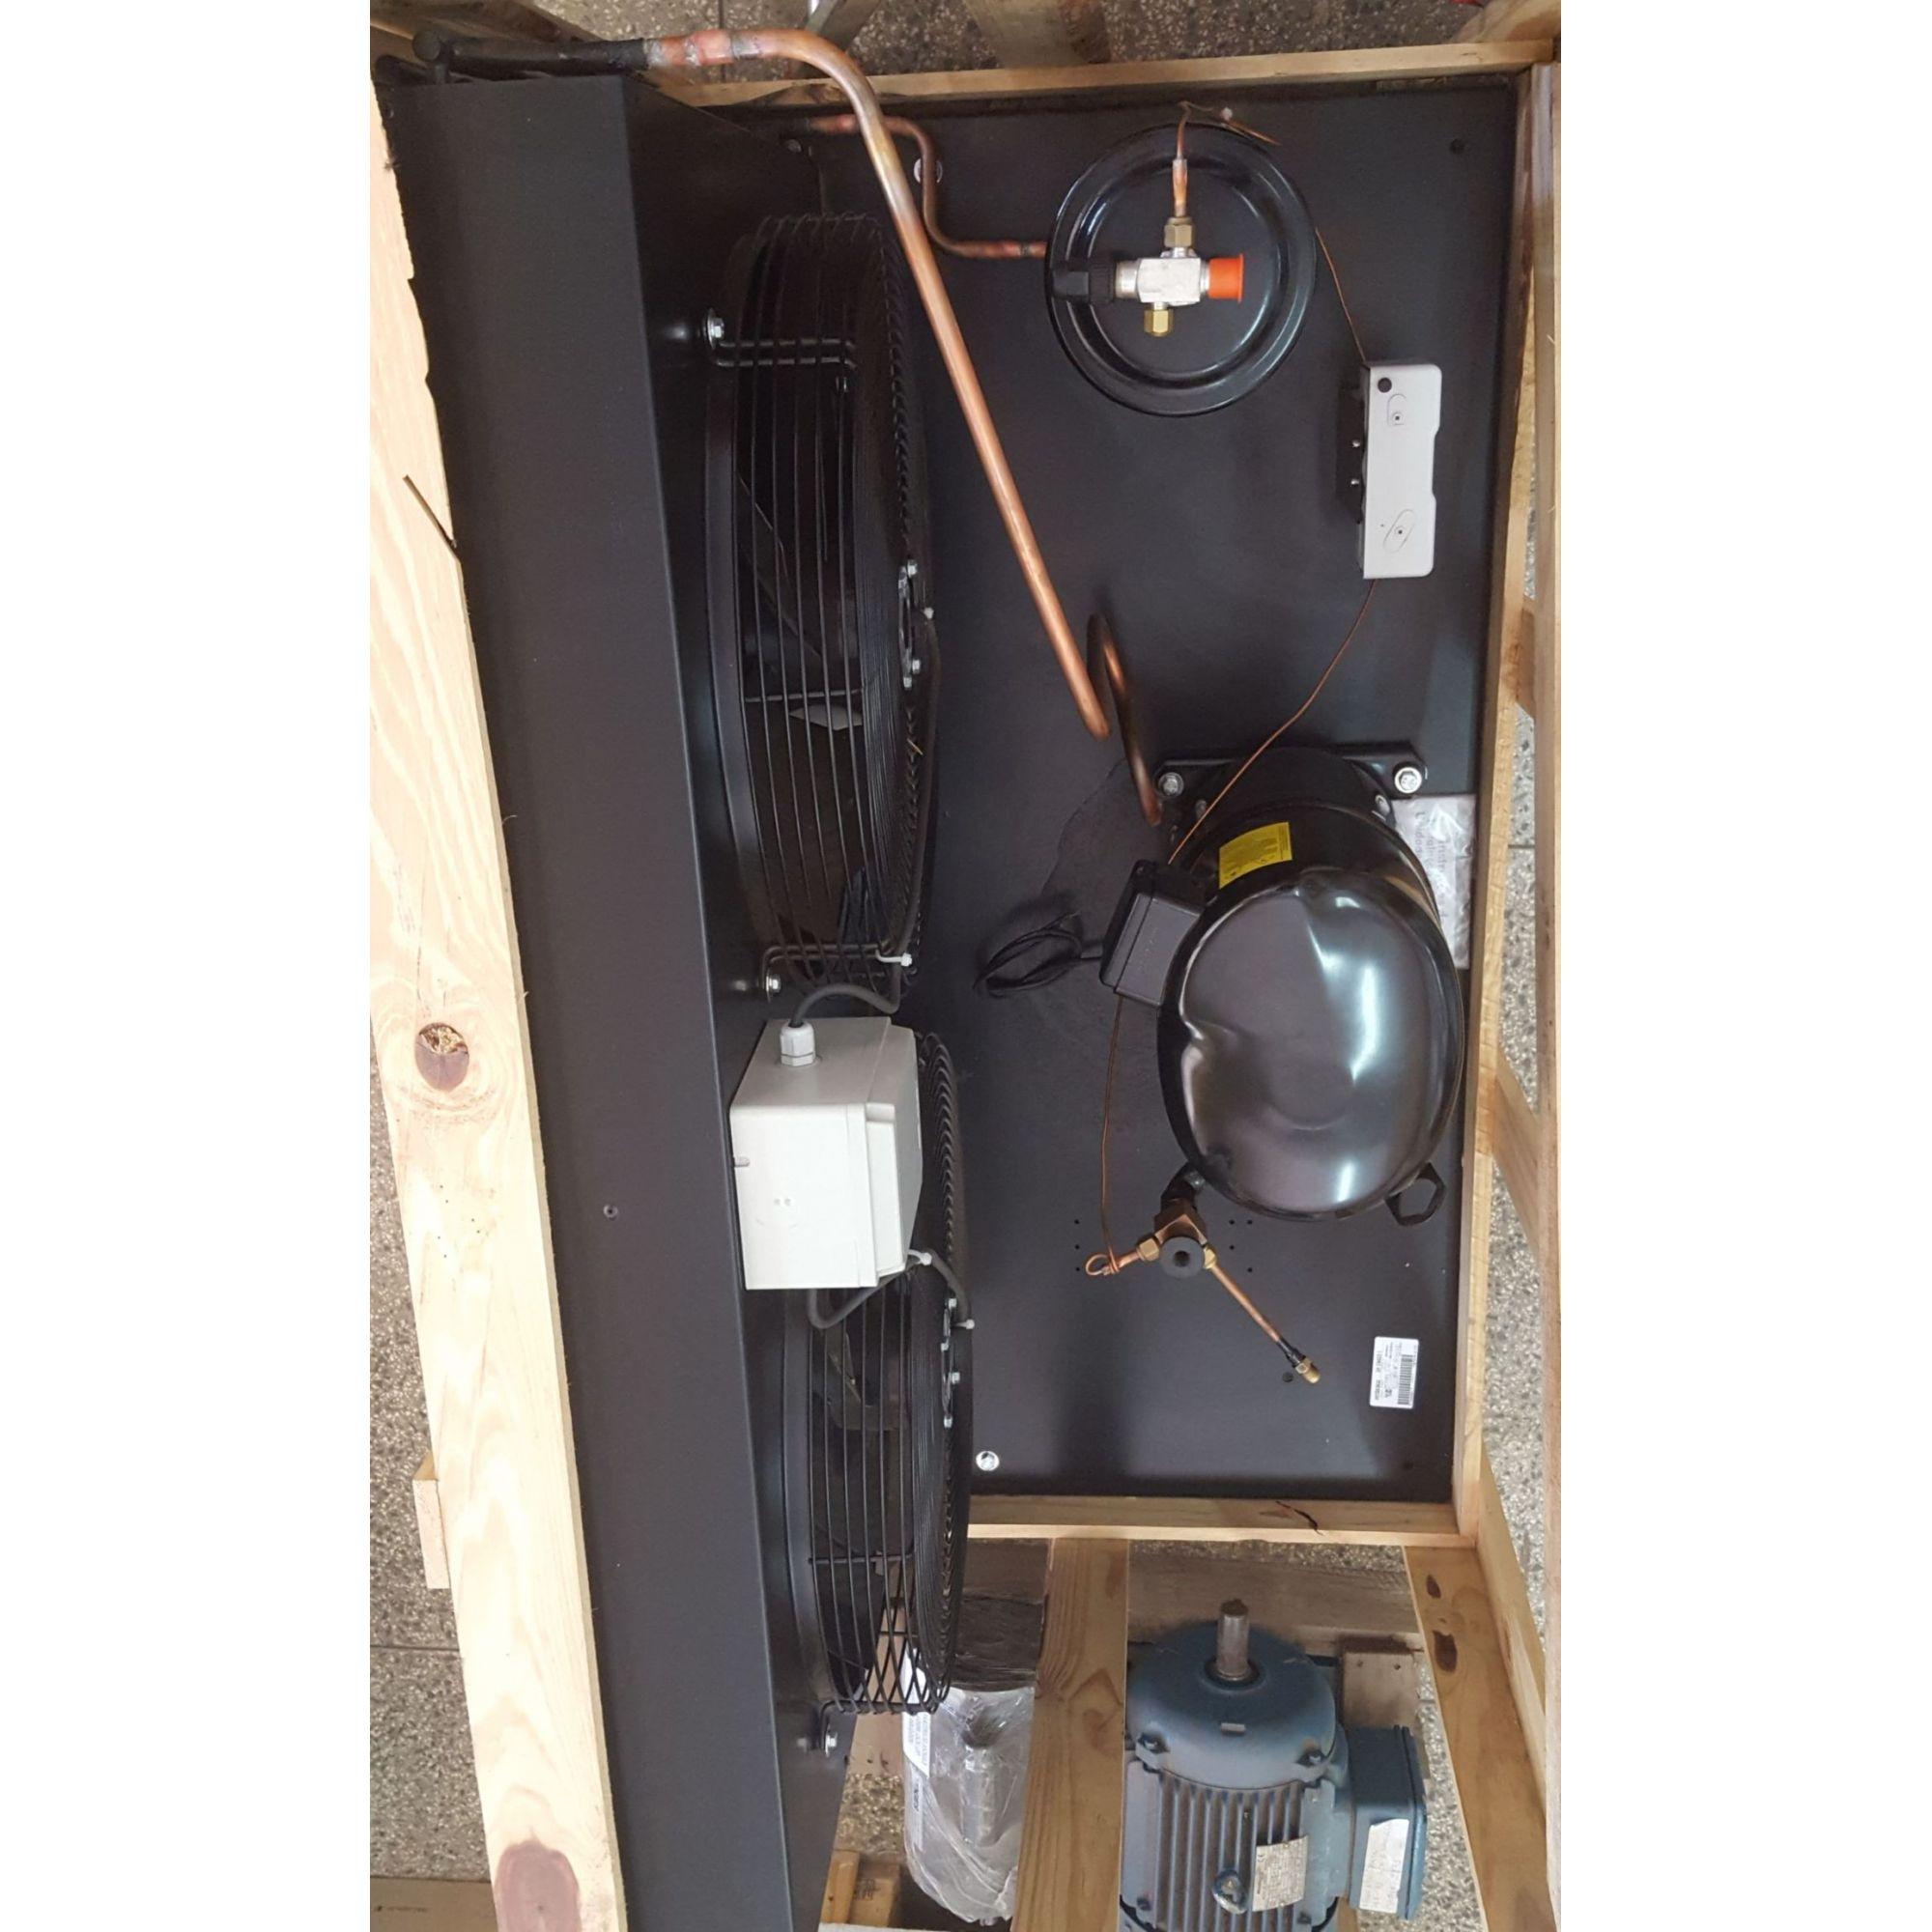 UNIDADE CONDENSADORA EMBRACO 5 HP - UH 23A6231 - R22 - Cod: 515800017 (FRETE GRÁTIS)